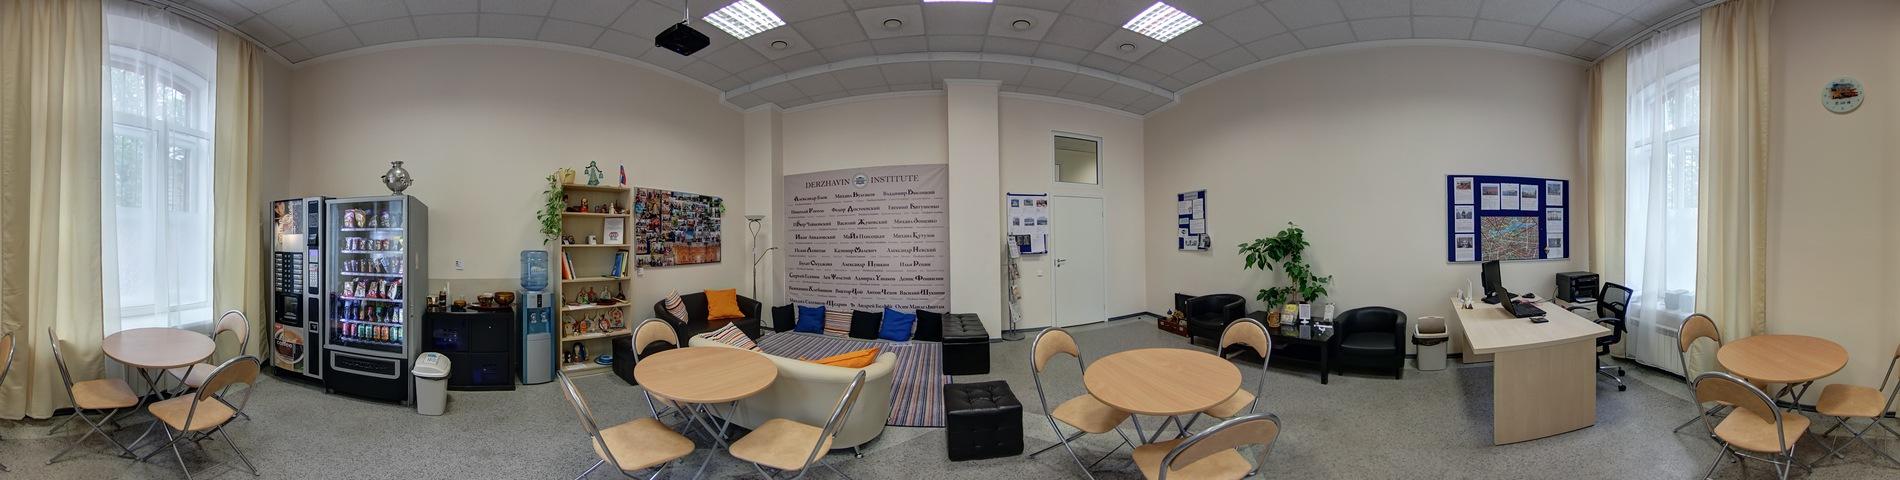 Derzhavin Institute kép 1